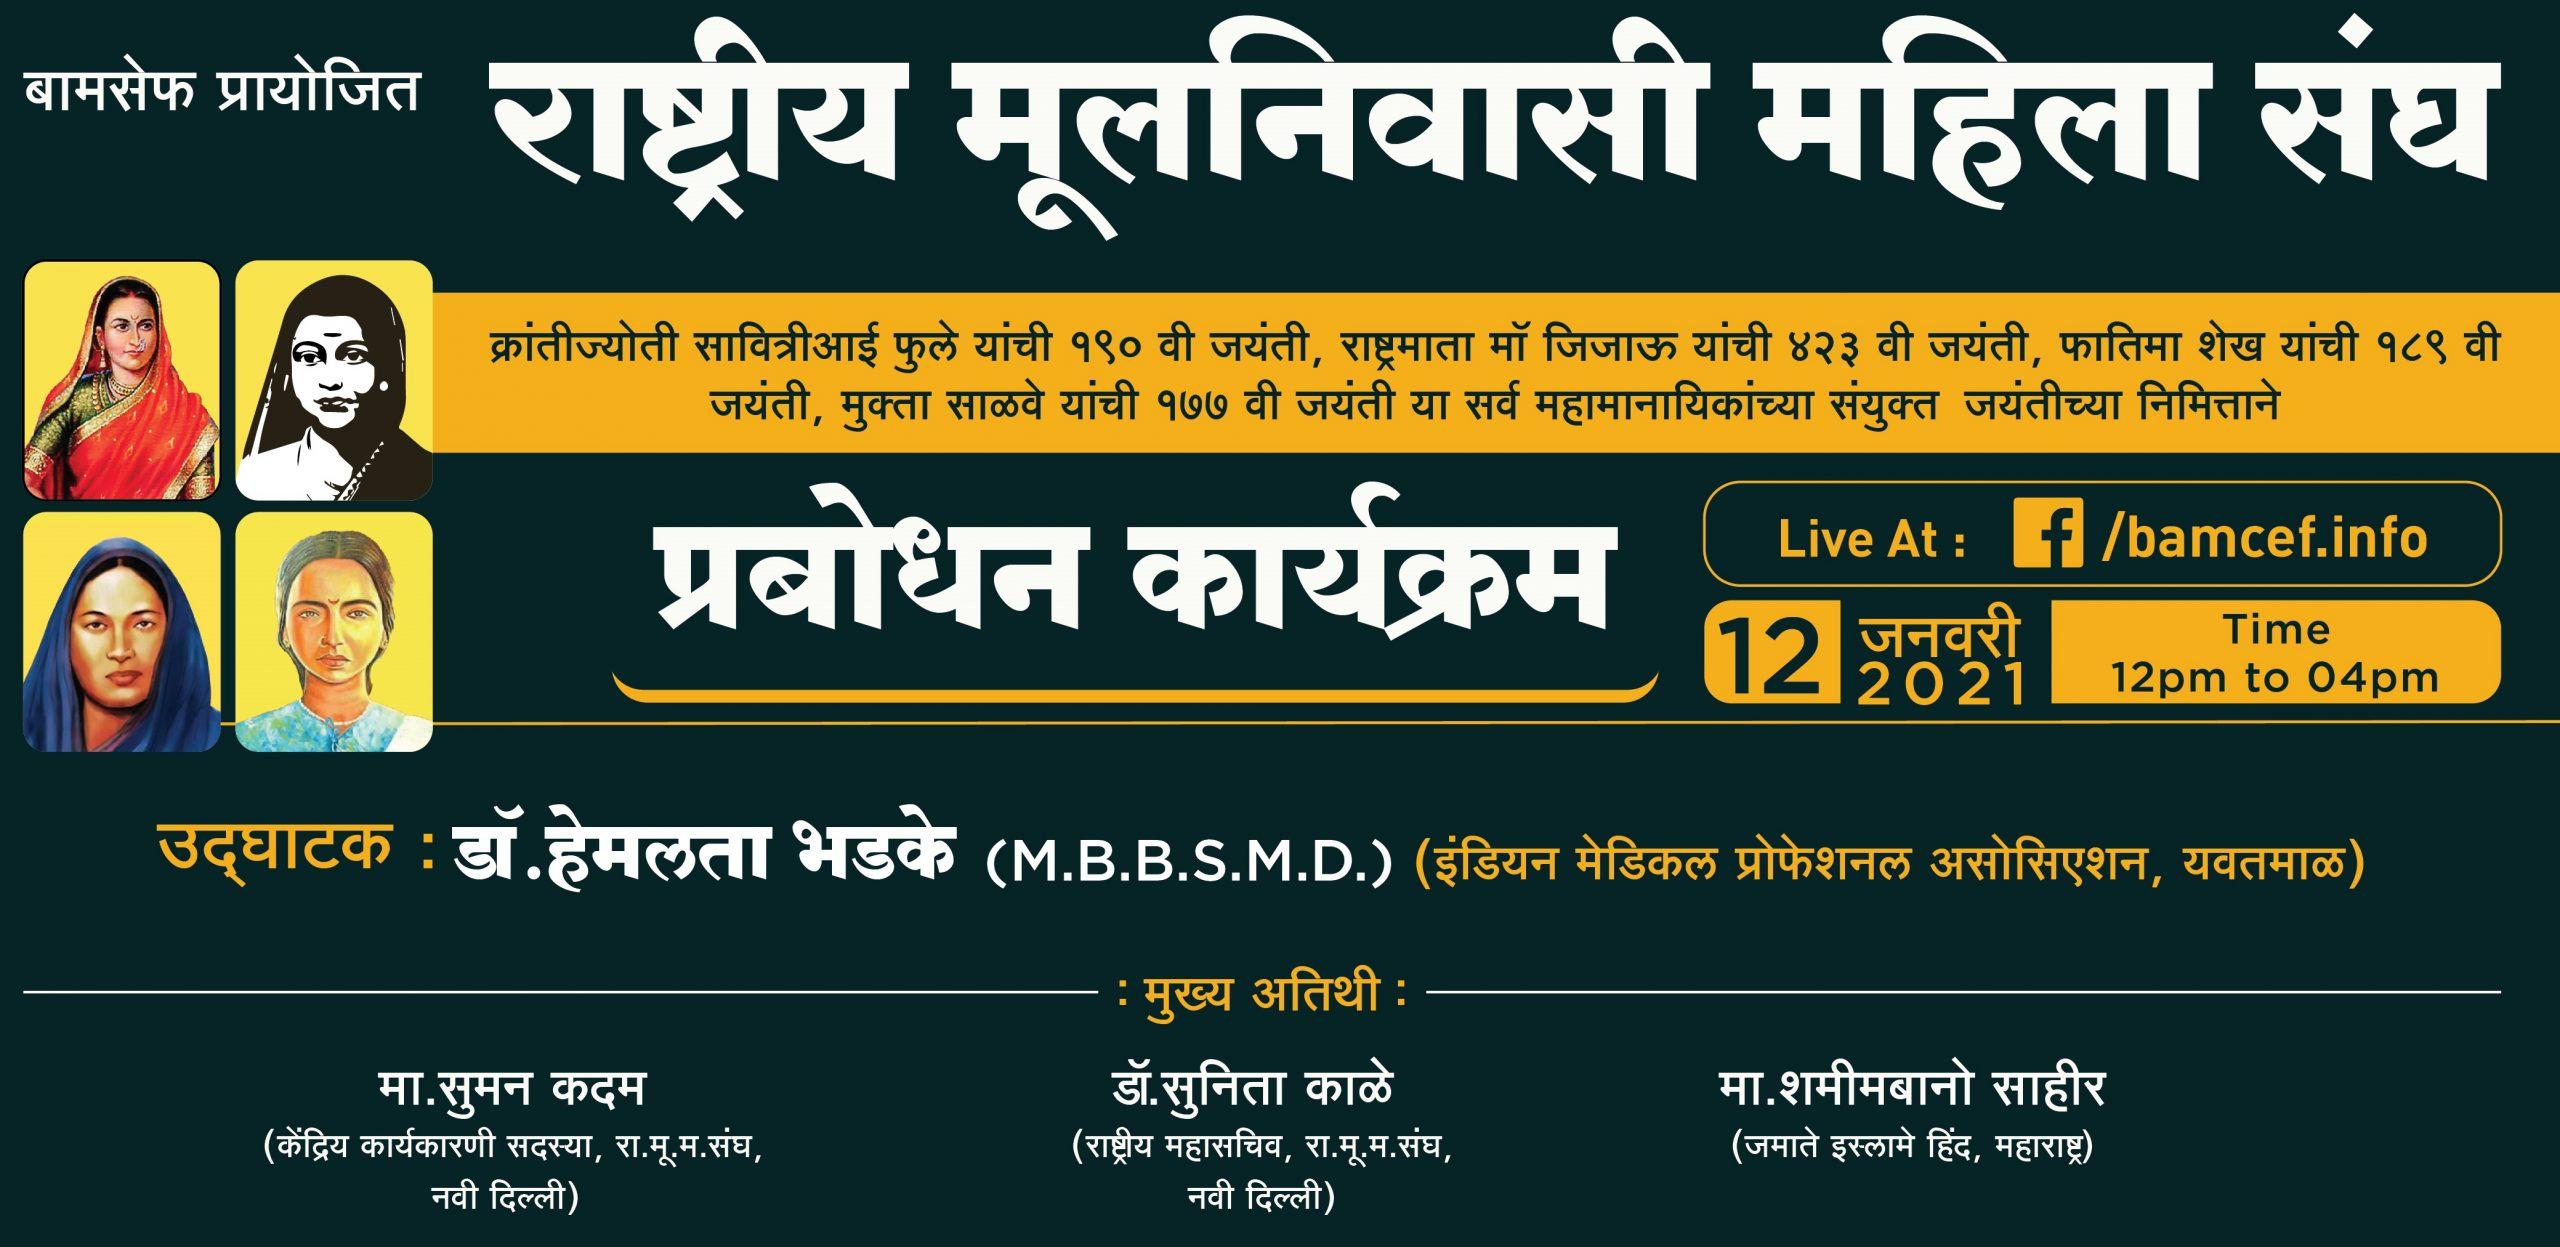 Rashtriya Mulnivasi Mahila Sangh Awakening Program dt. 12 January 2021